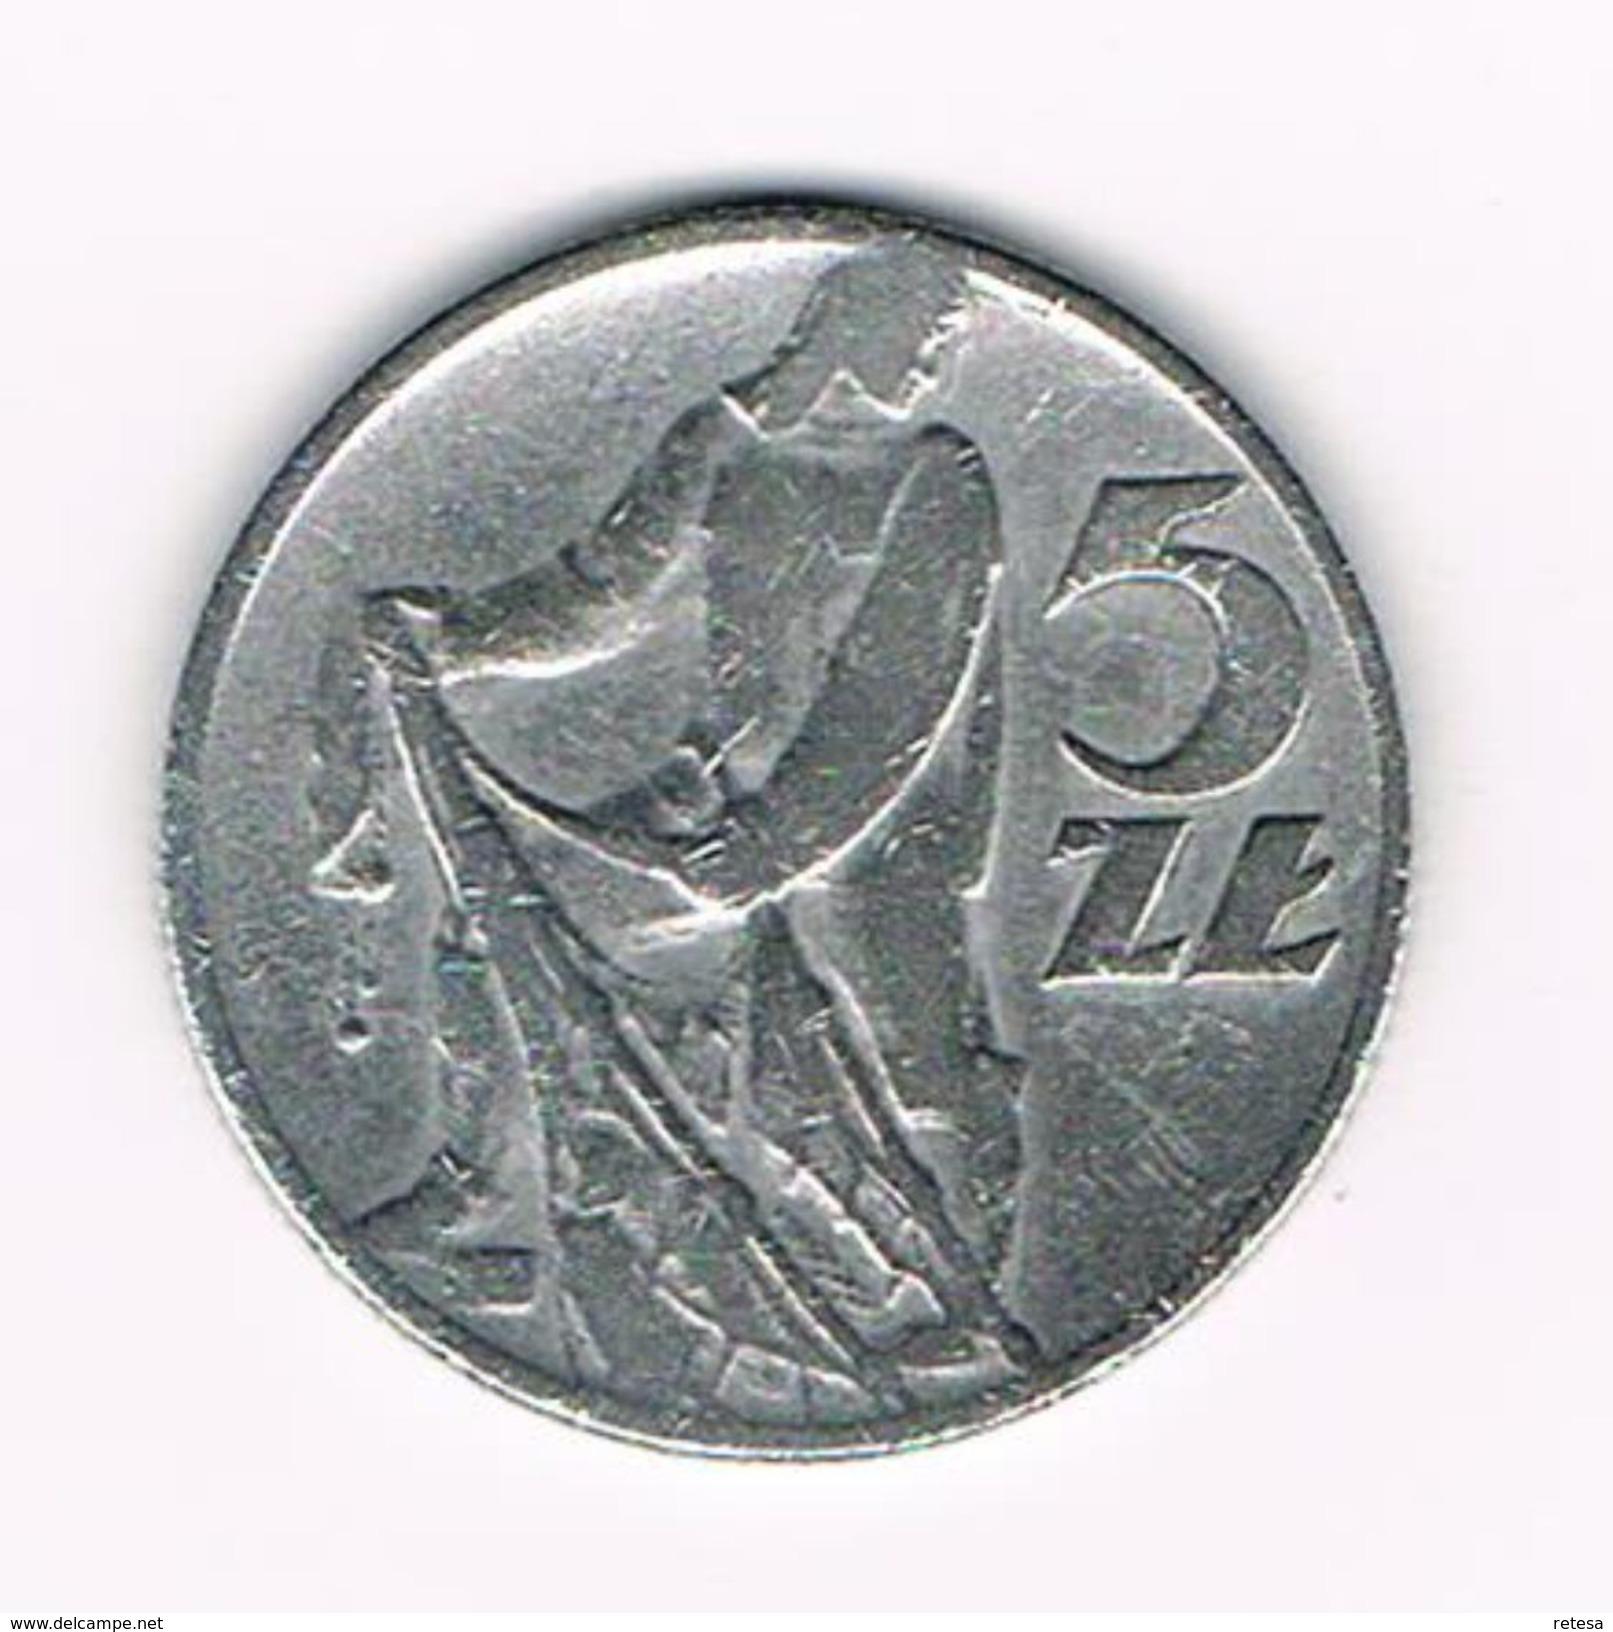 ) POLEN  5 ZLOTYCH  1960 - Polen